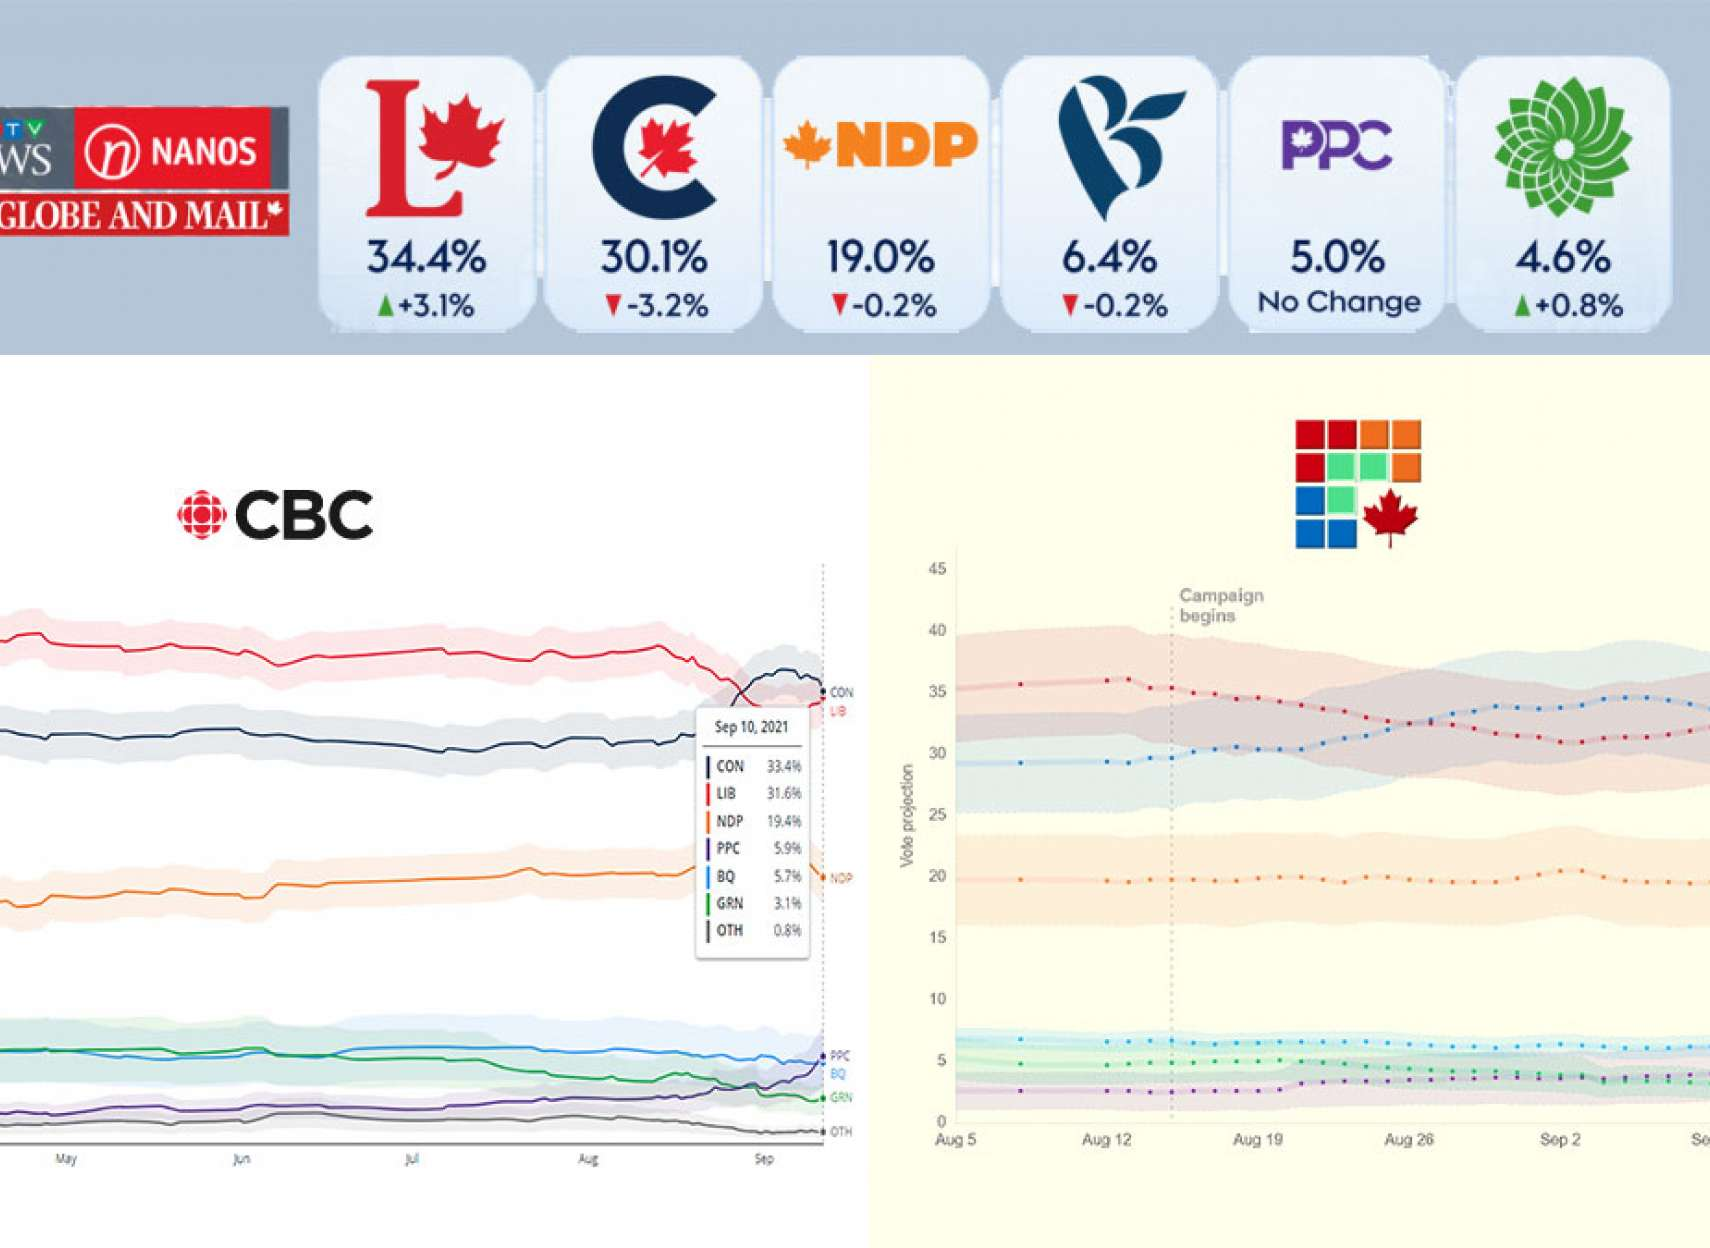 خبر-کانادا-مناظره-ها-باعث-افزایش-حمایت-از-لیبرال-ها-و-جبران-عقب-ماندگی-آنها-از-محافظه-کاران-شد